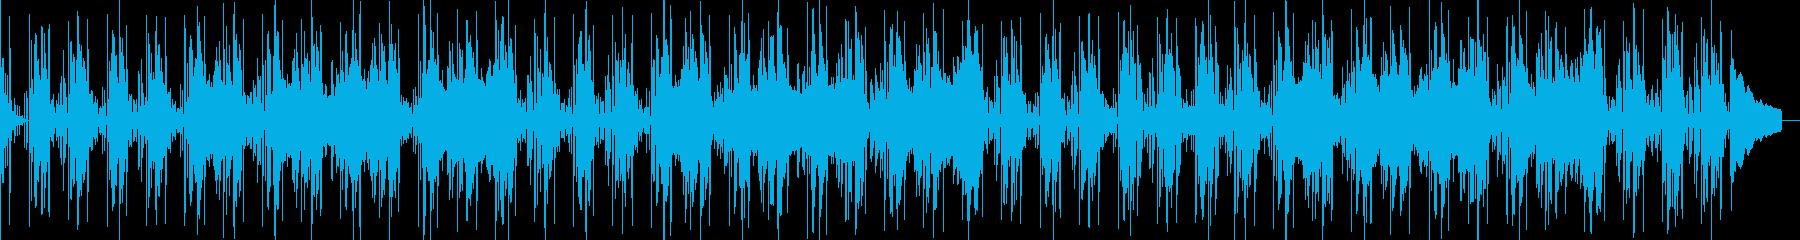 ムーディーでブルージーなギターキュ...の再生済みの波形